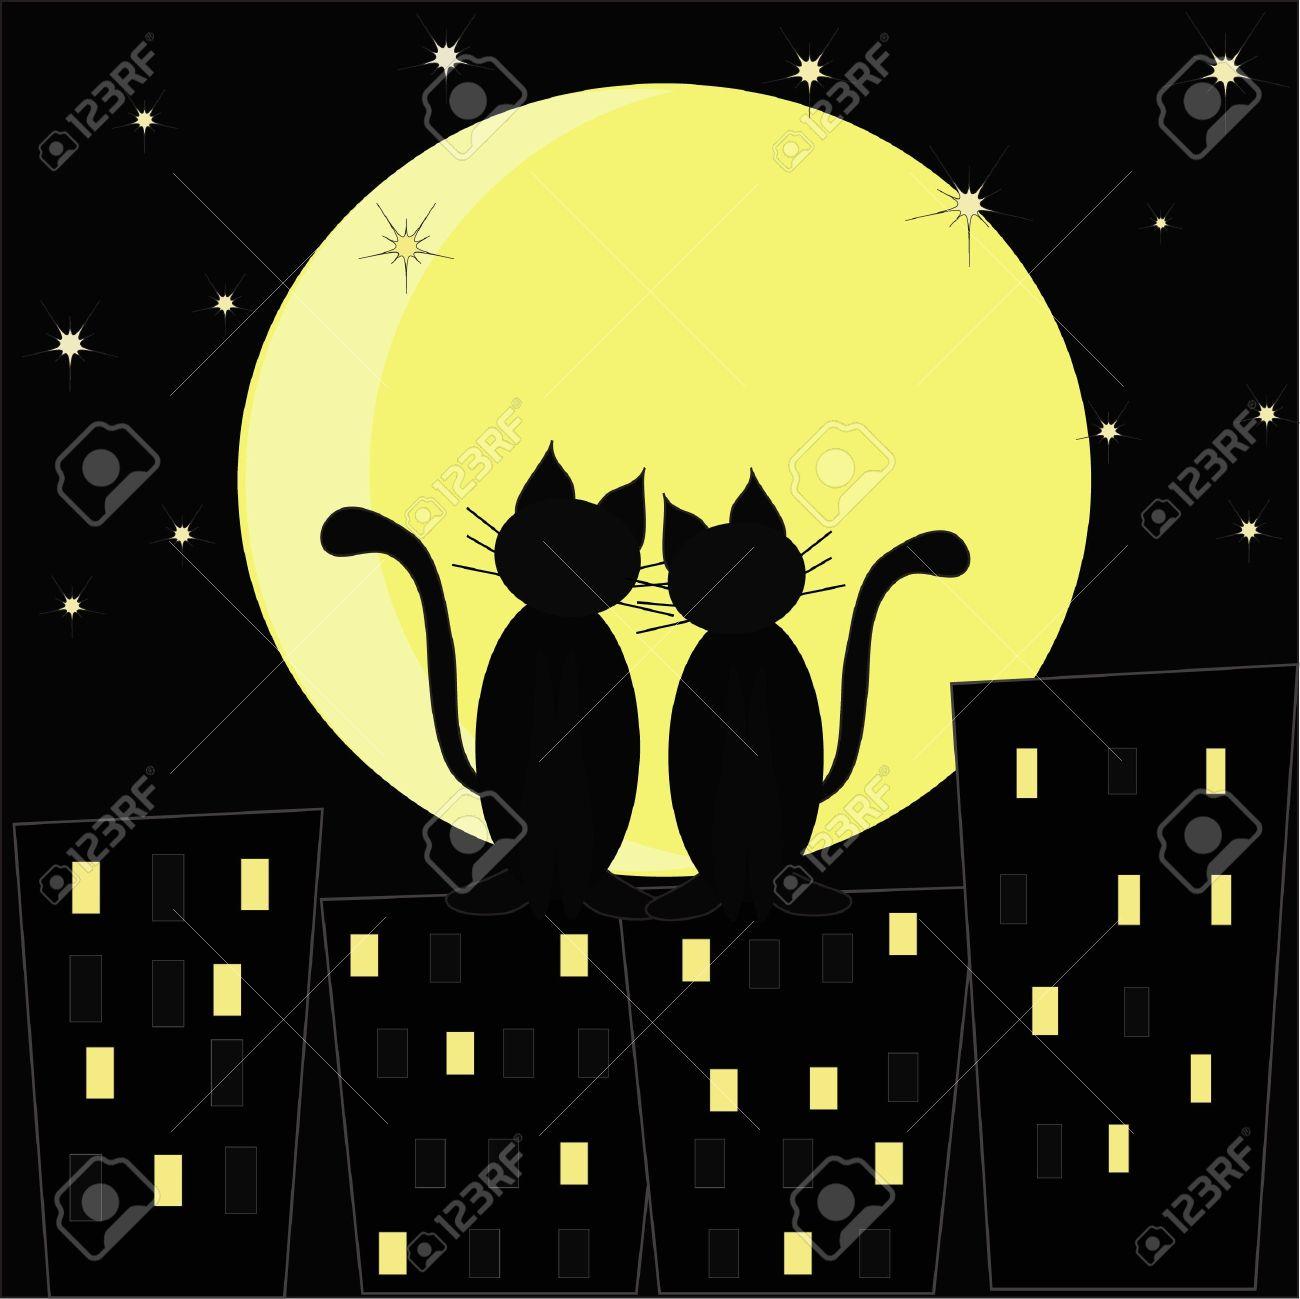 Foto de archivo , Siluetas de dos gatos enamorados en contra de la ciudad  de la noche y la luna